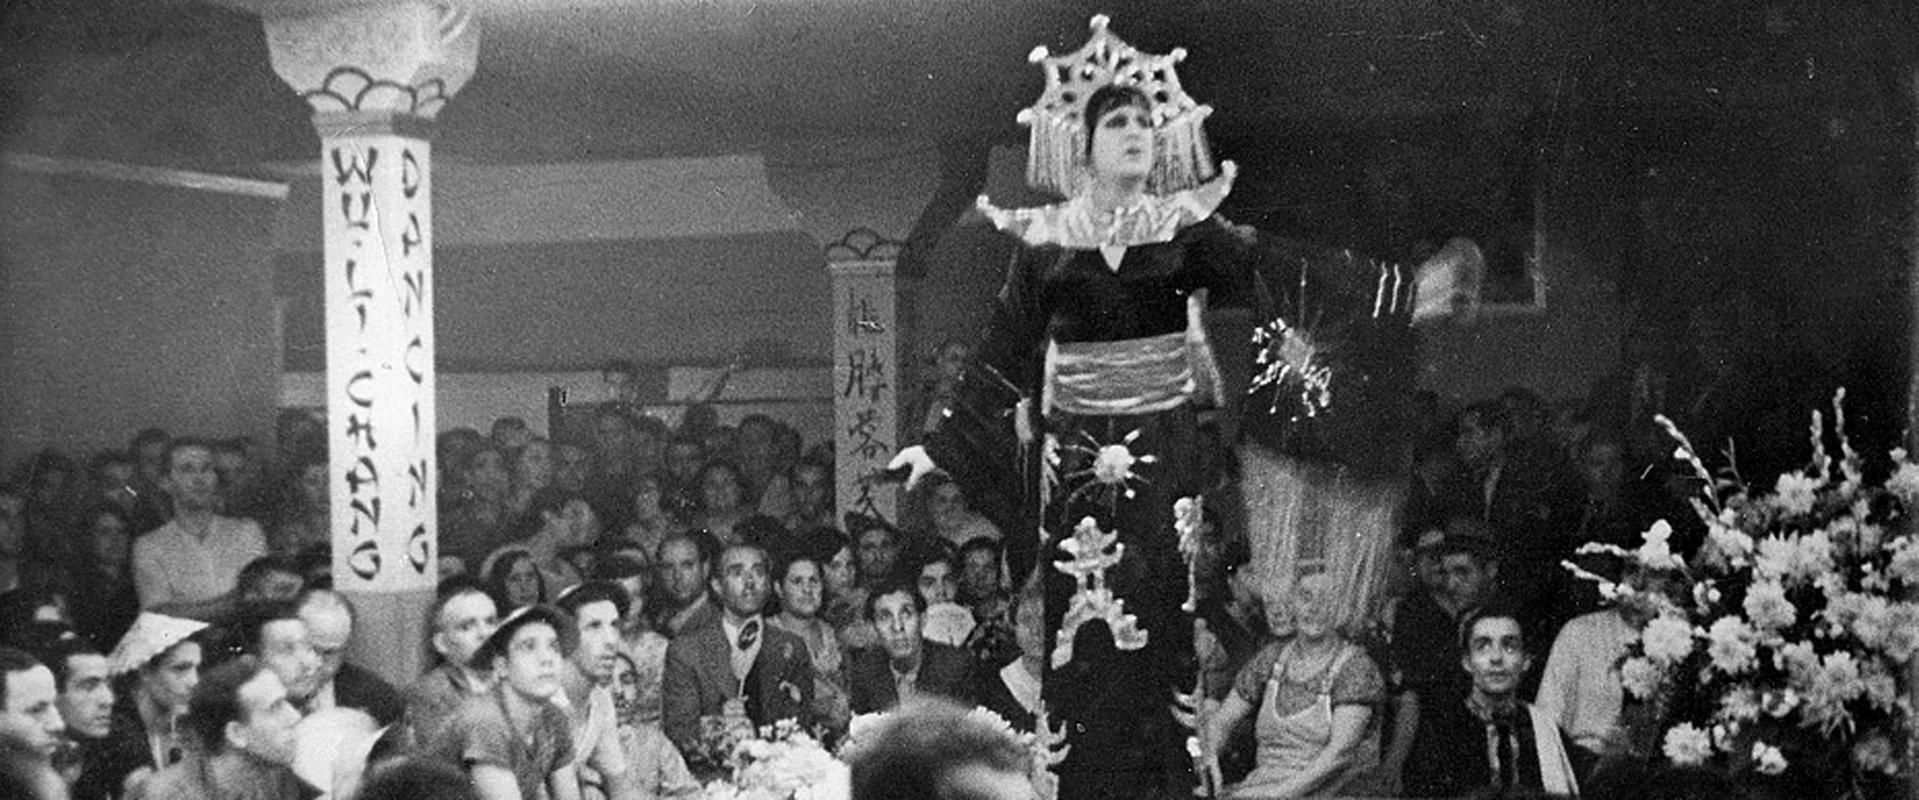 132 anys de tribulacions xineses a Barcelona